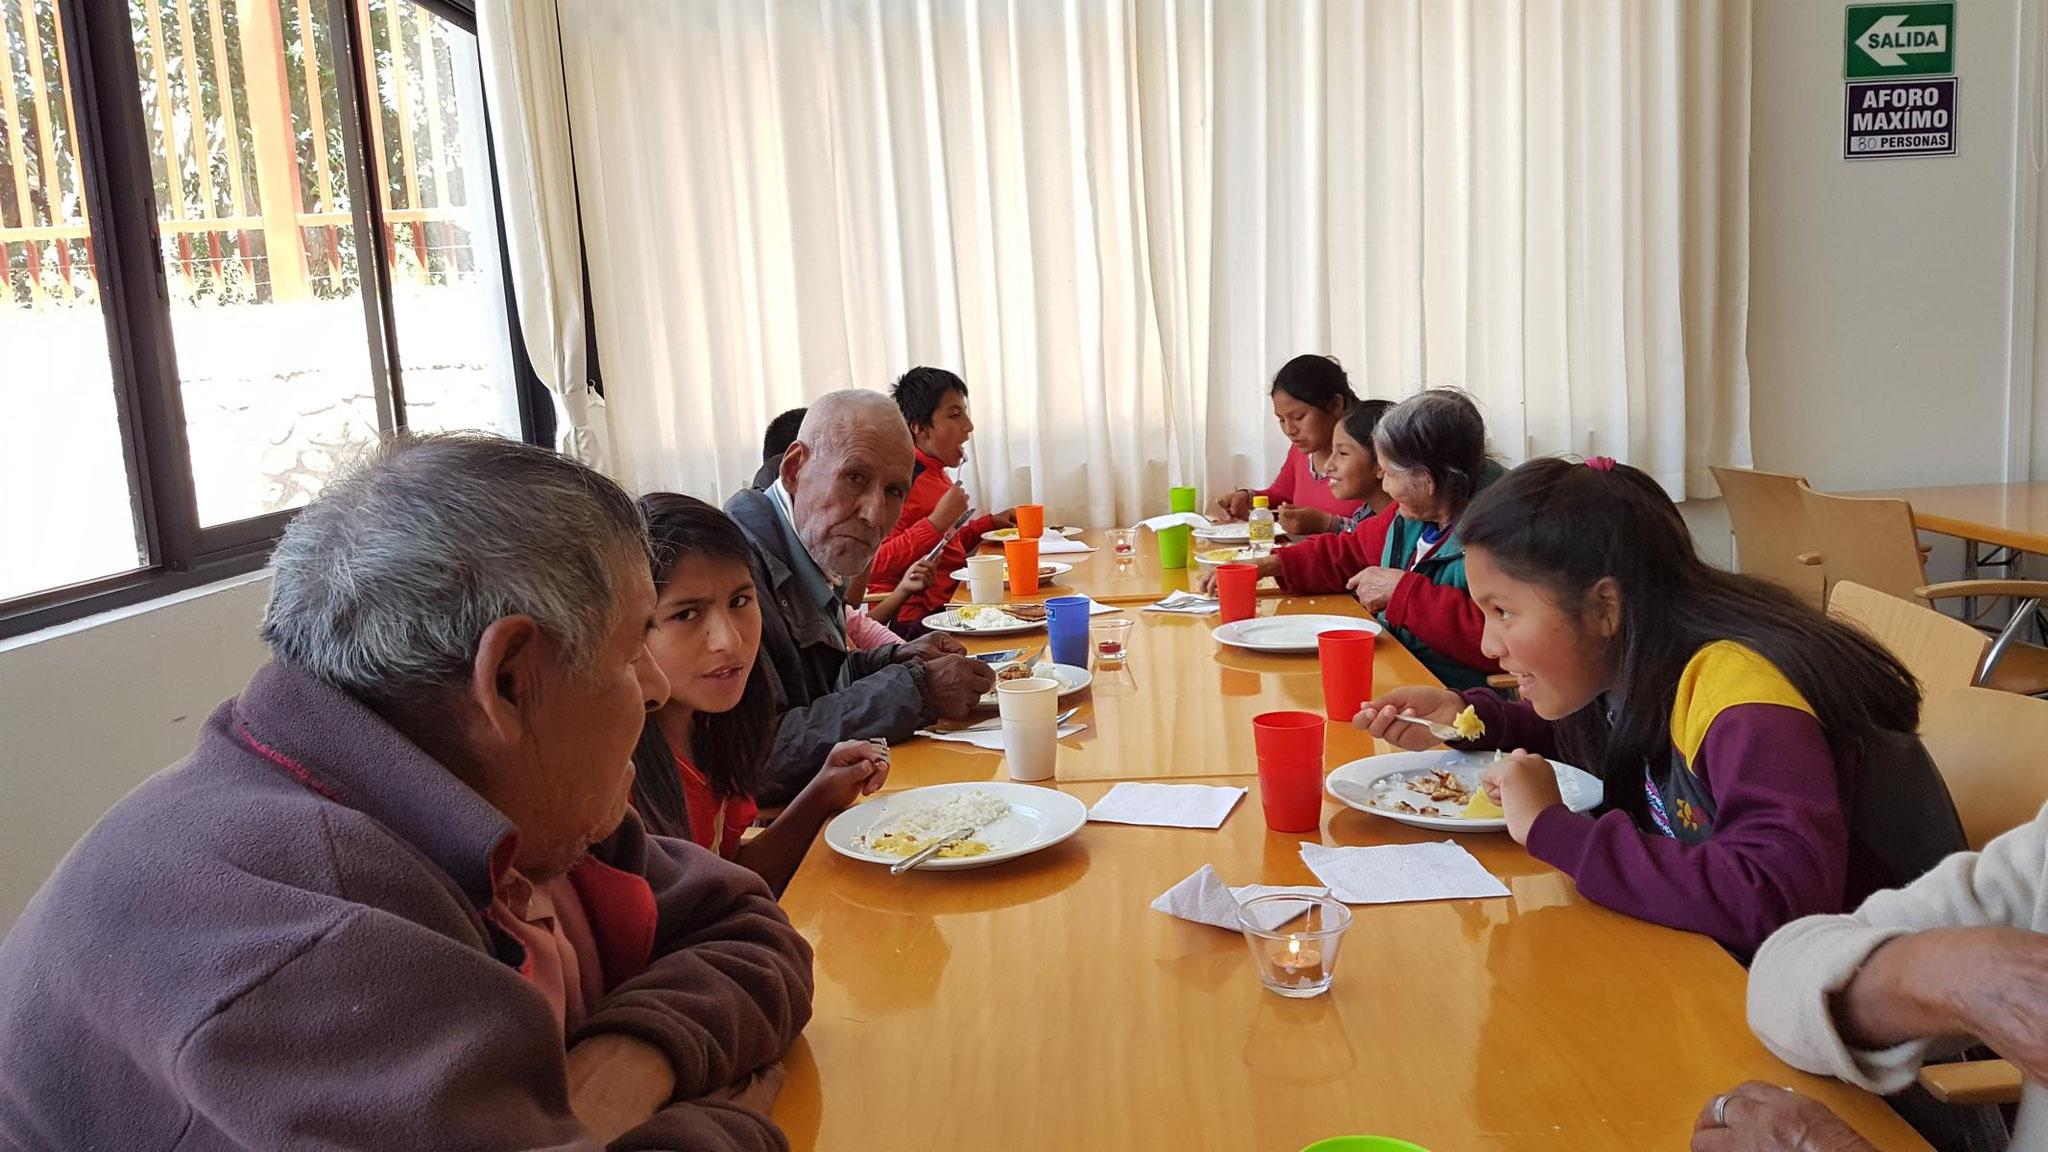 ... so konnten Jung und Alt ein leckeres Mittagessen genießen.